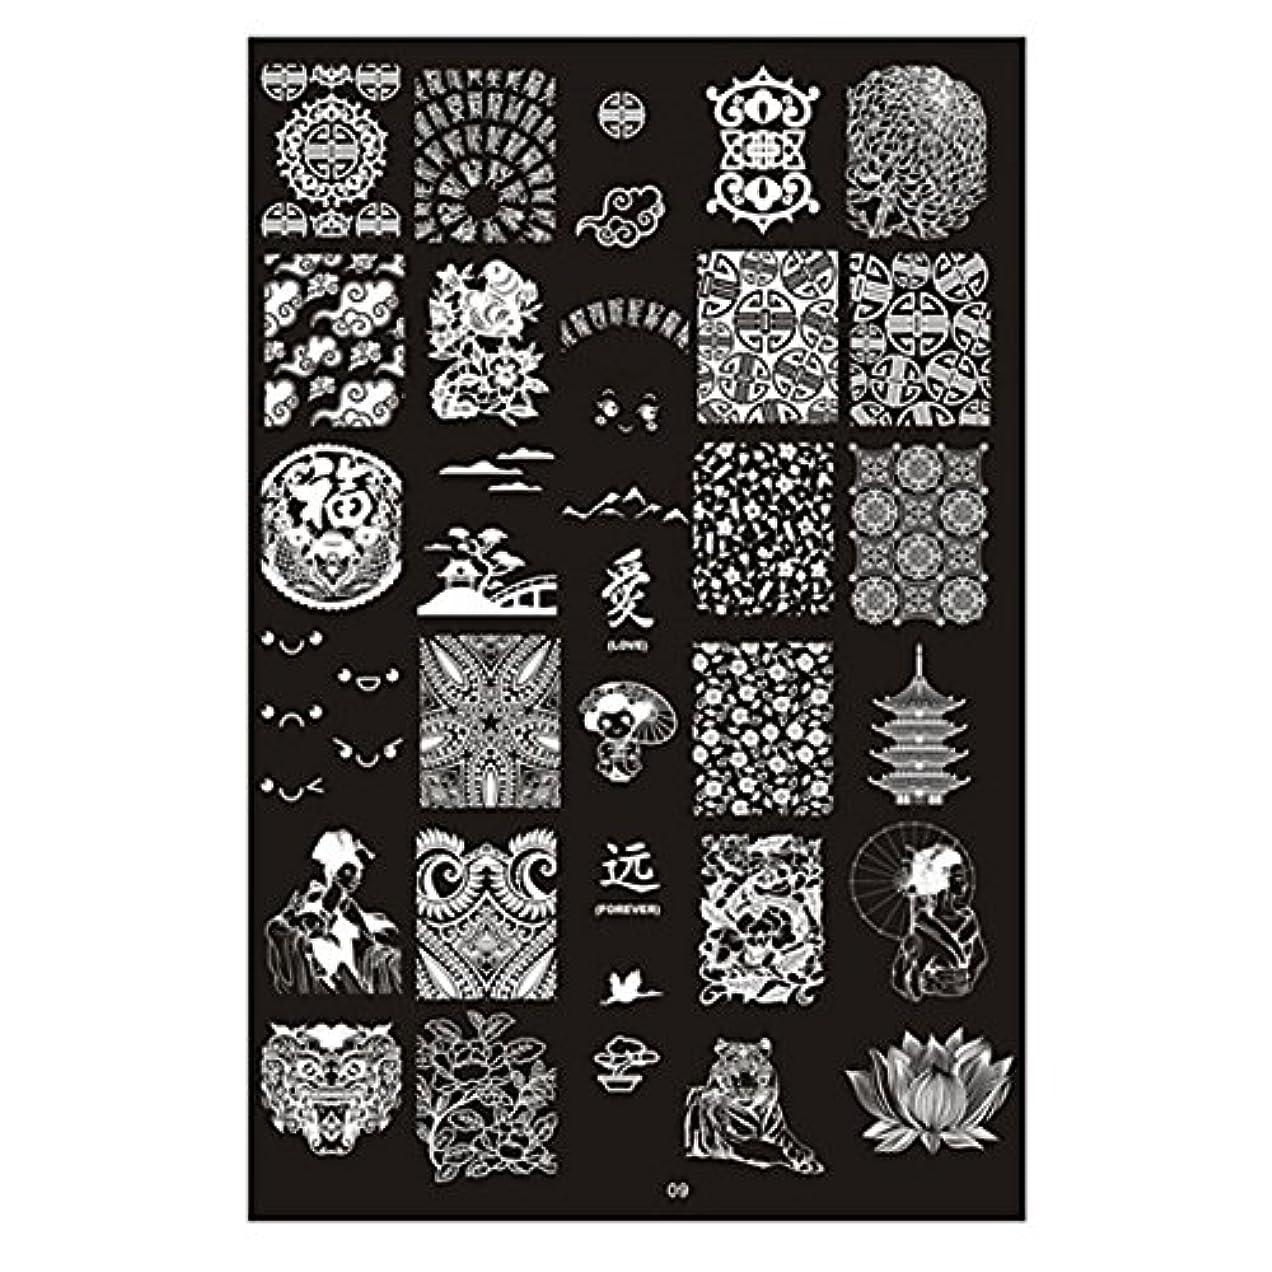 鳥リビジョンセンター[ルテンズ] スタンピングプレートセット 花柄 ネイルプレート ネイルアートツール ネイルプレート ネイルスタンパー ネイルスタンプ スタンプネイル ネイルデザイン用品